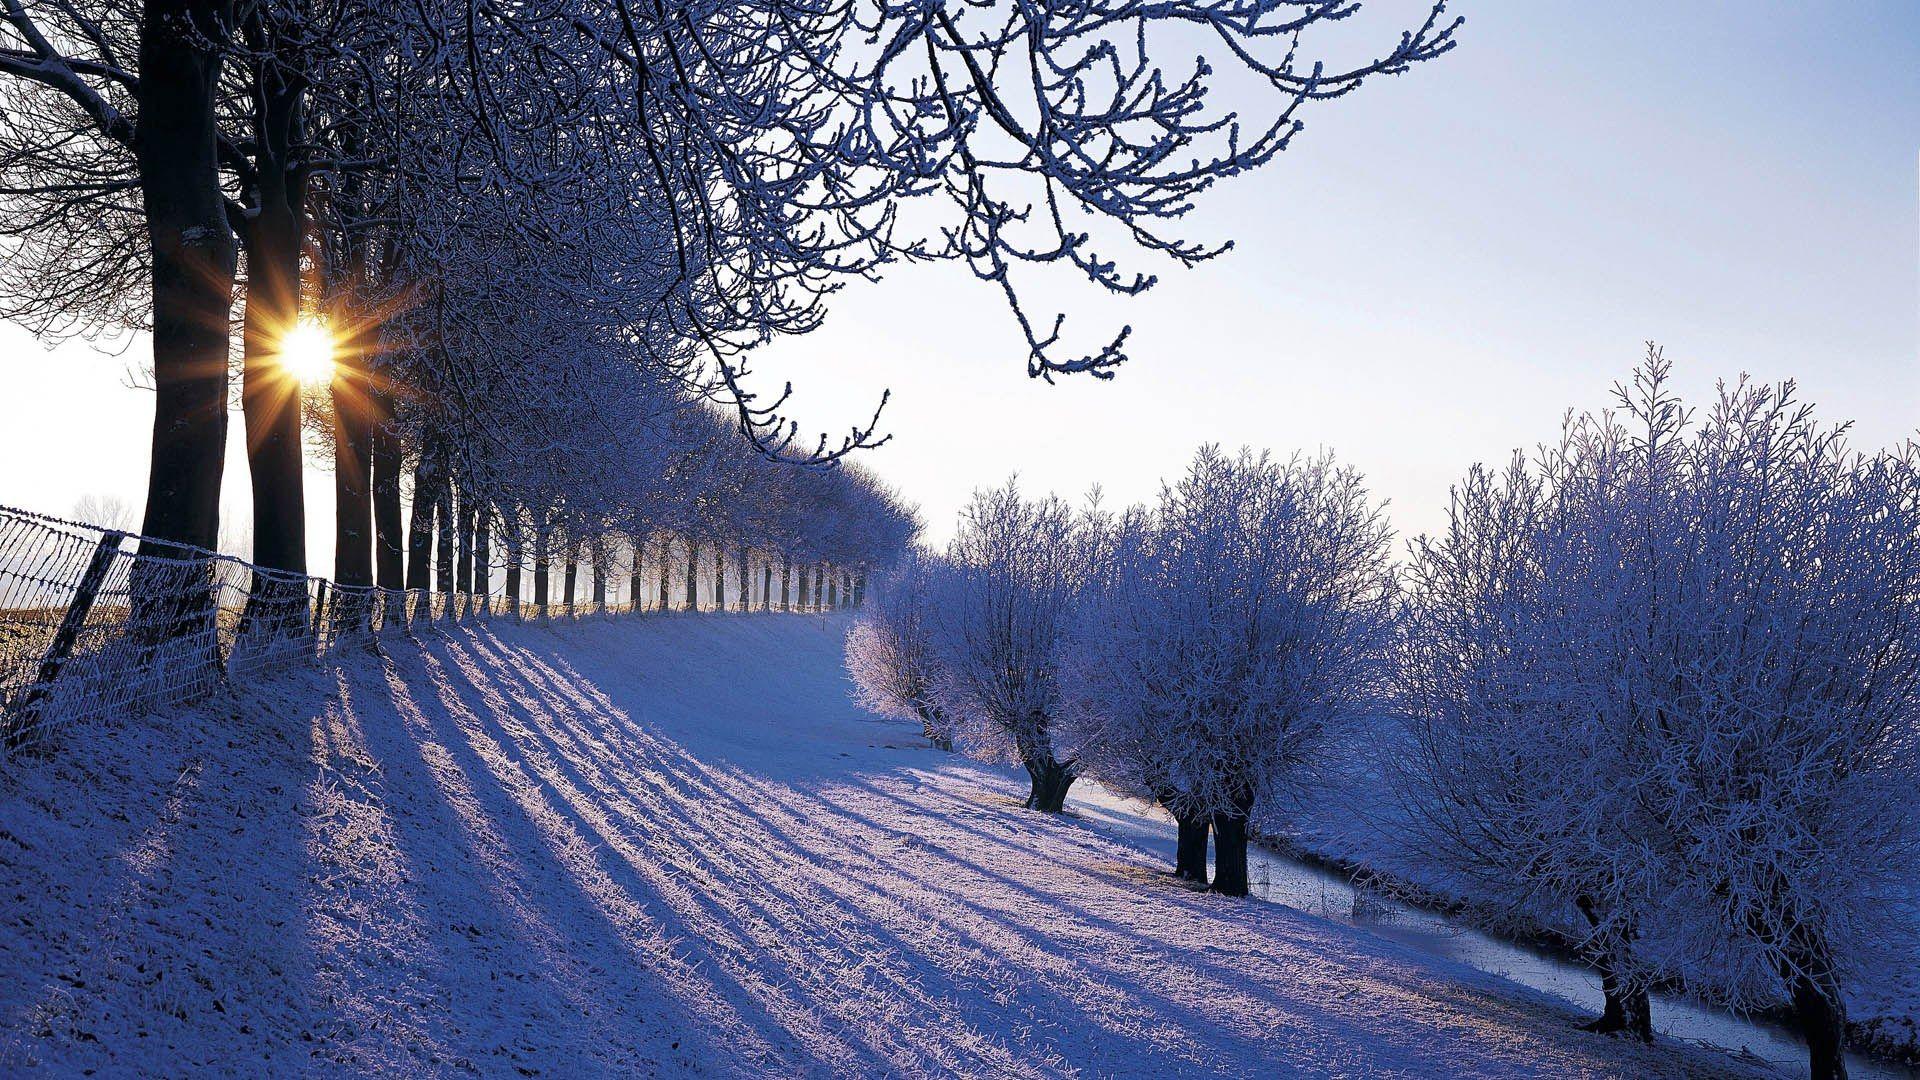 Wallpapers Netherlands Winter Nature Nederland Europe Window 92874 1920x1080px Winterlandschaft Hintergrundbilder Winter Winterbilder